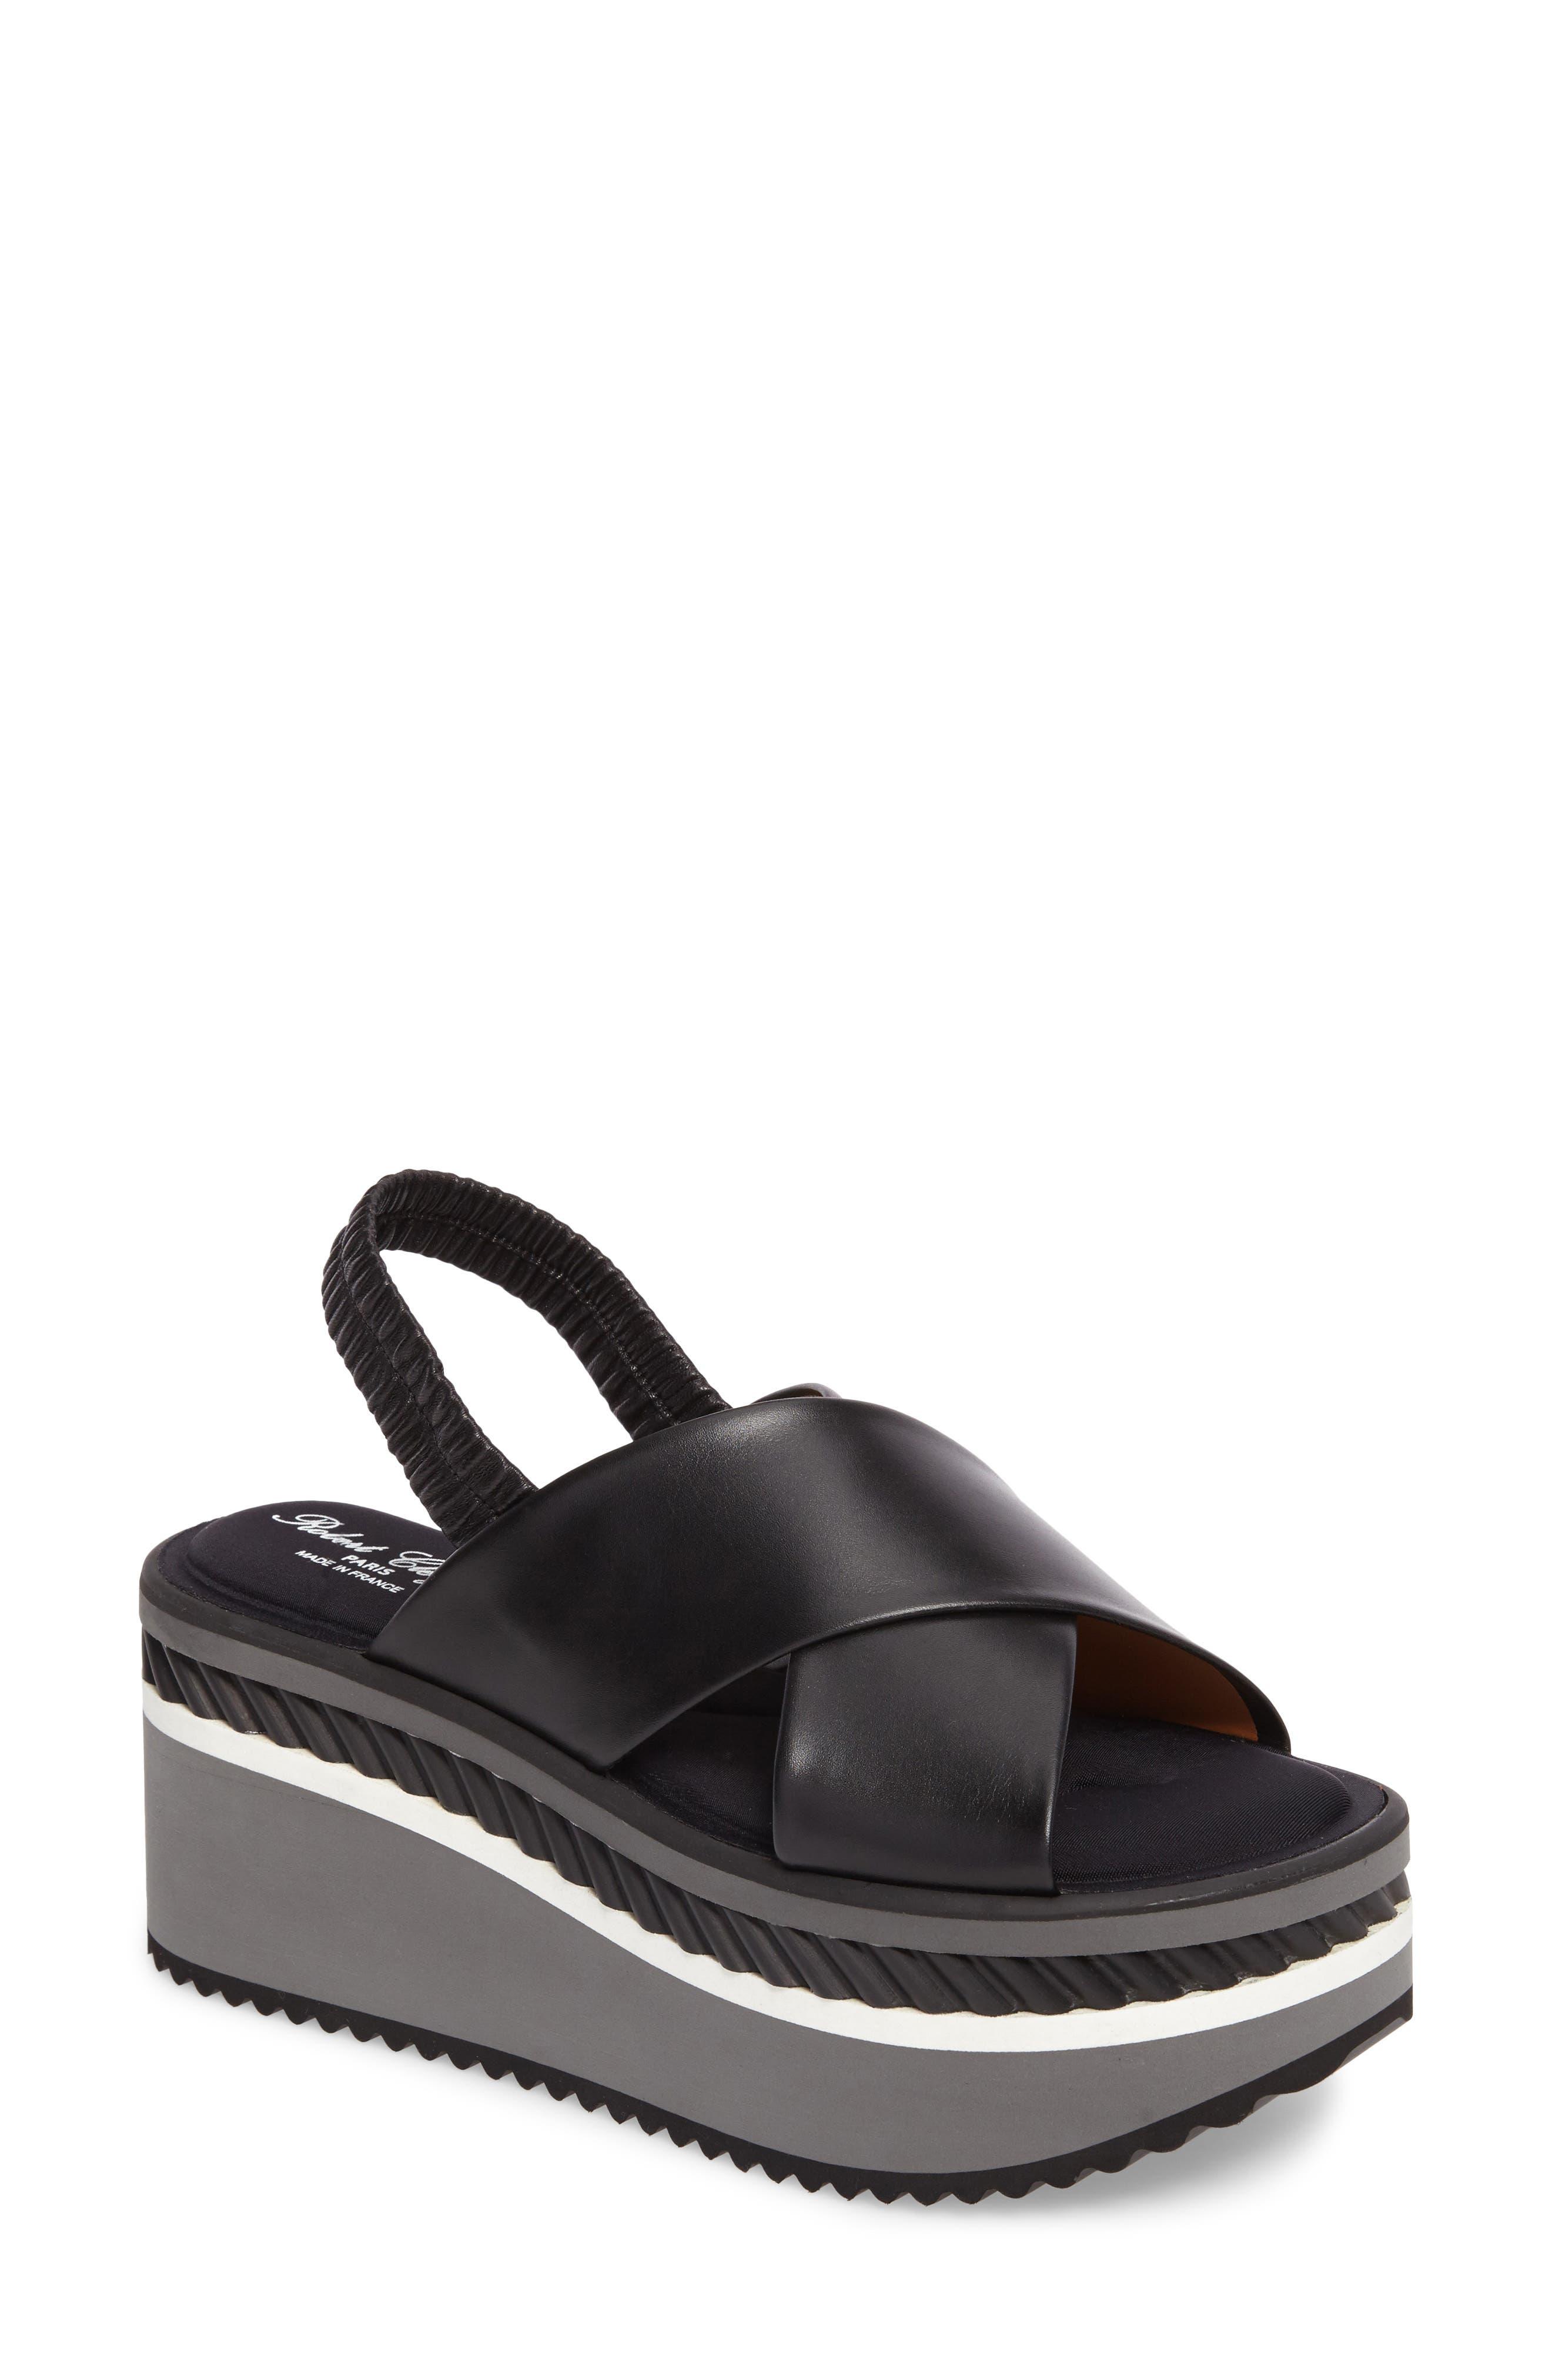 Omin Platform Slingback Sandal,                             Main thumbnail 1, color,                             Black